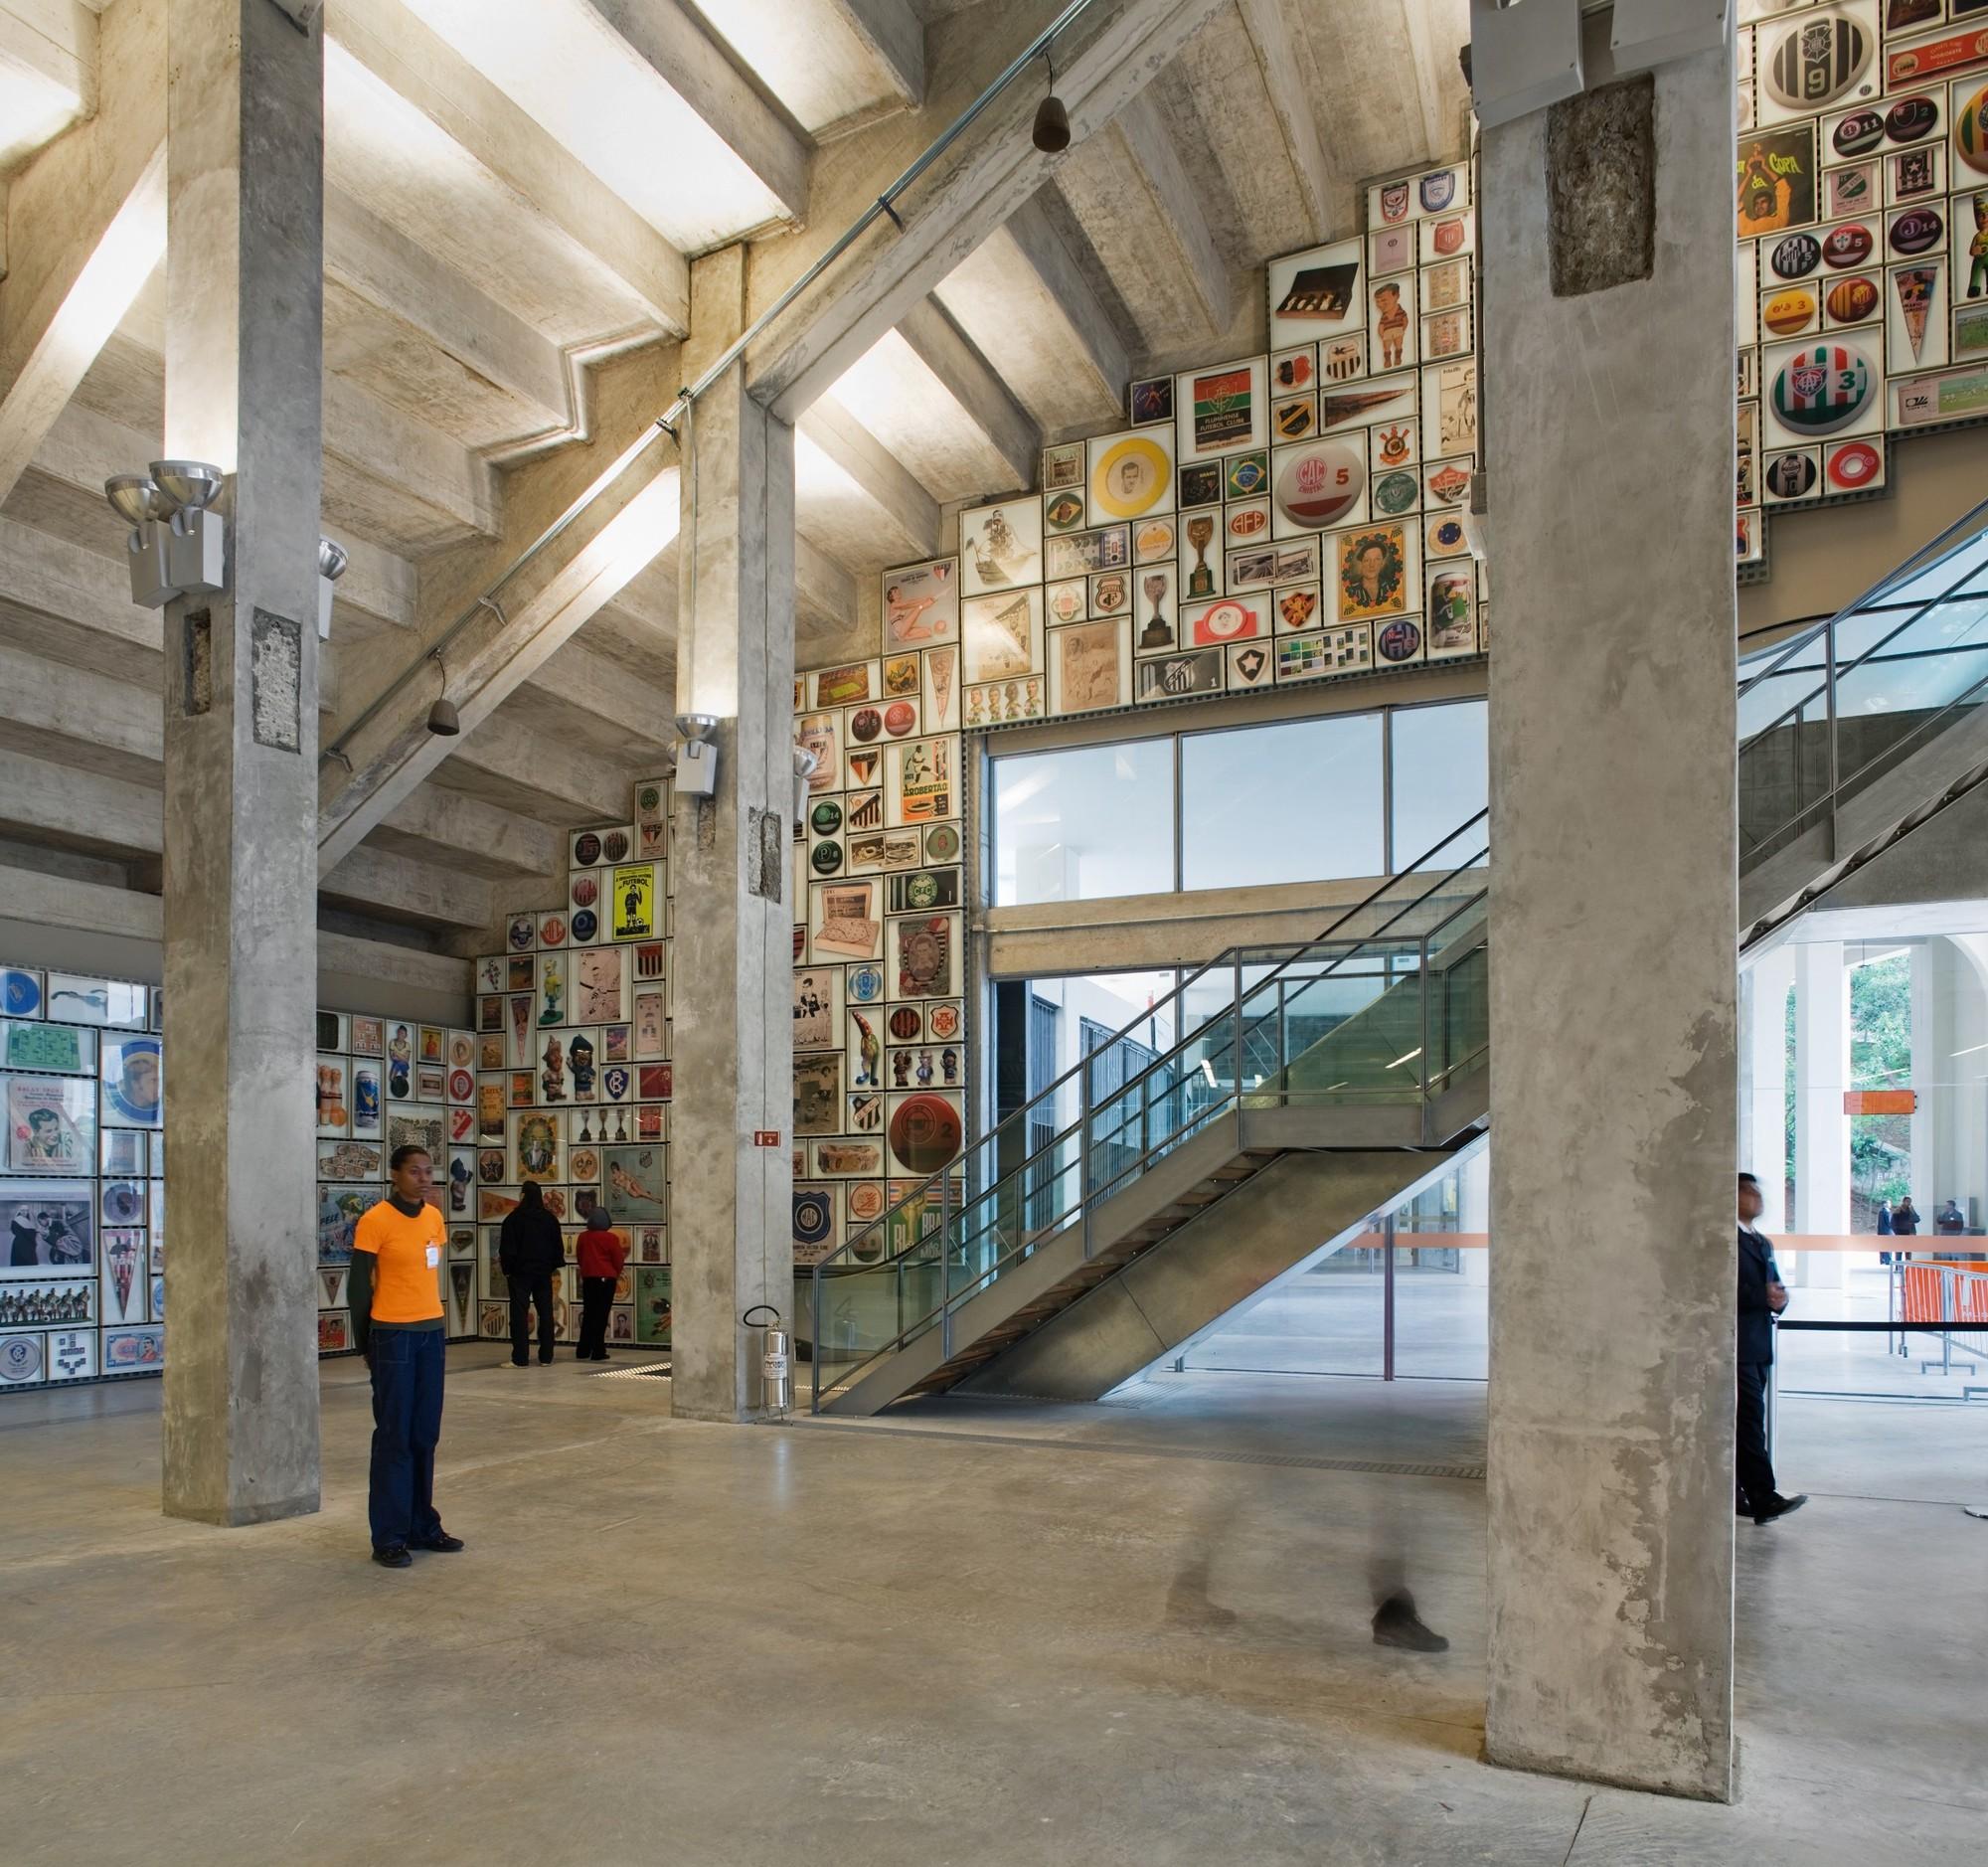 En el hall de entrada, se encuentra claramente una de las mayores operaciones del proyecto: la eliminación de los muros, losas, vigas y columnas de forma que la estructura original del estadio se hace visible. Por lo tanto, la arquitectura se ha convertido en una parte integral de la experiencia de museo. © Nelson Kon